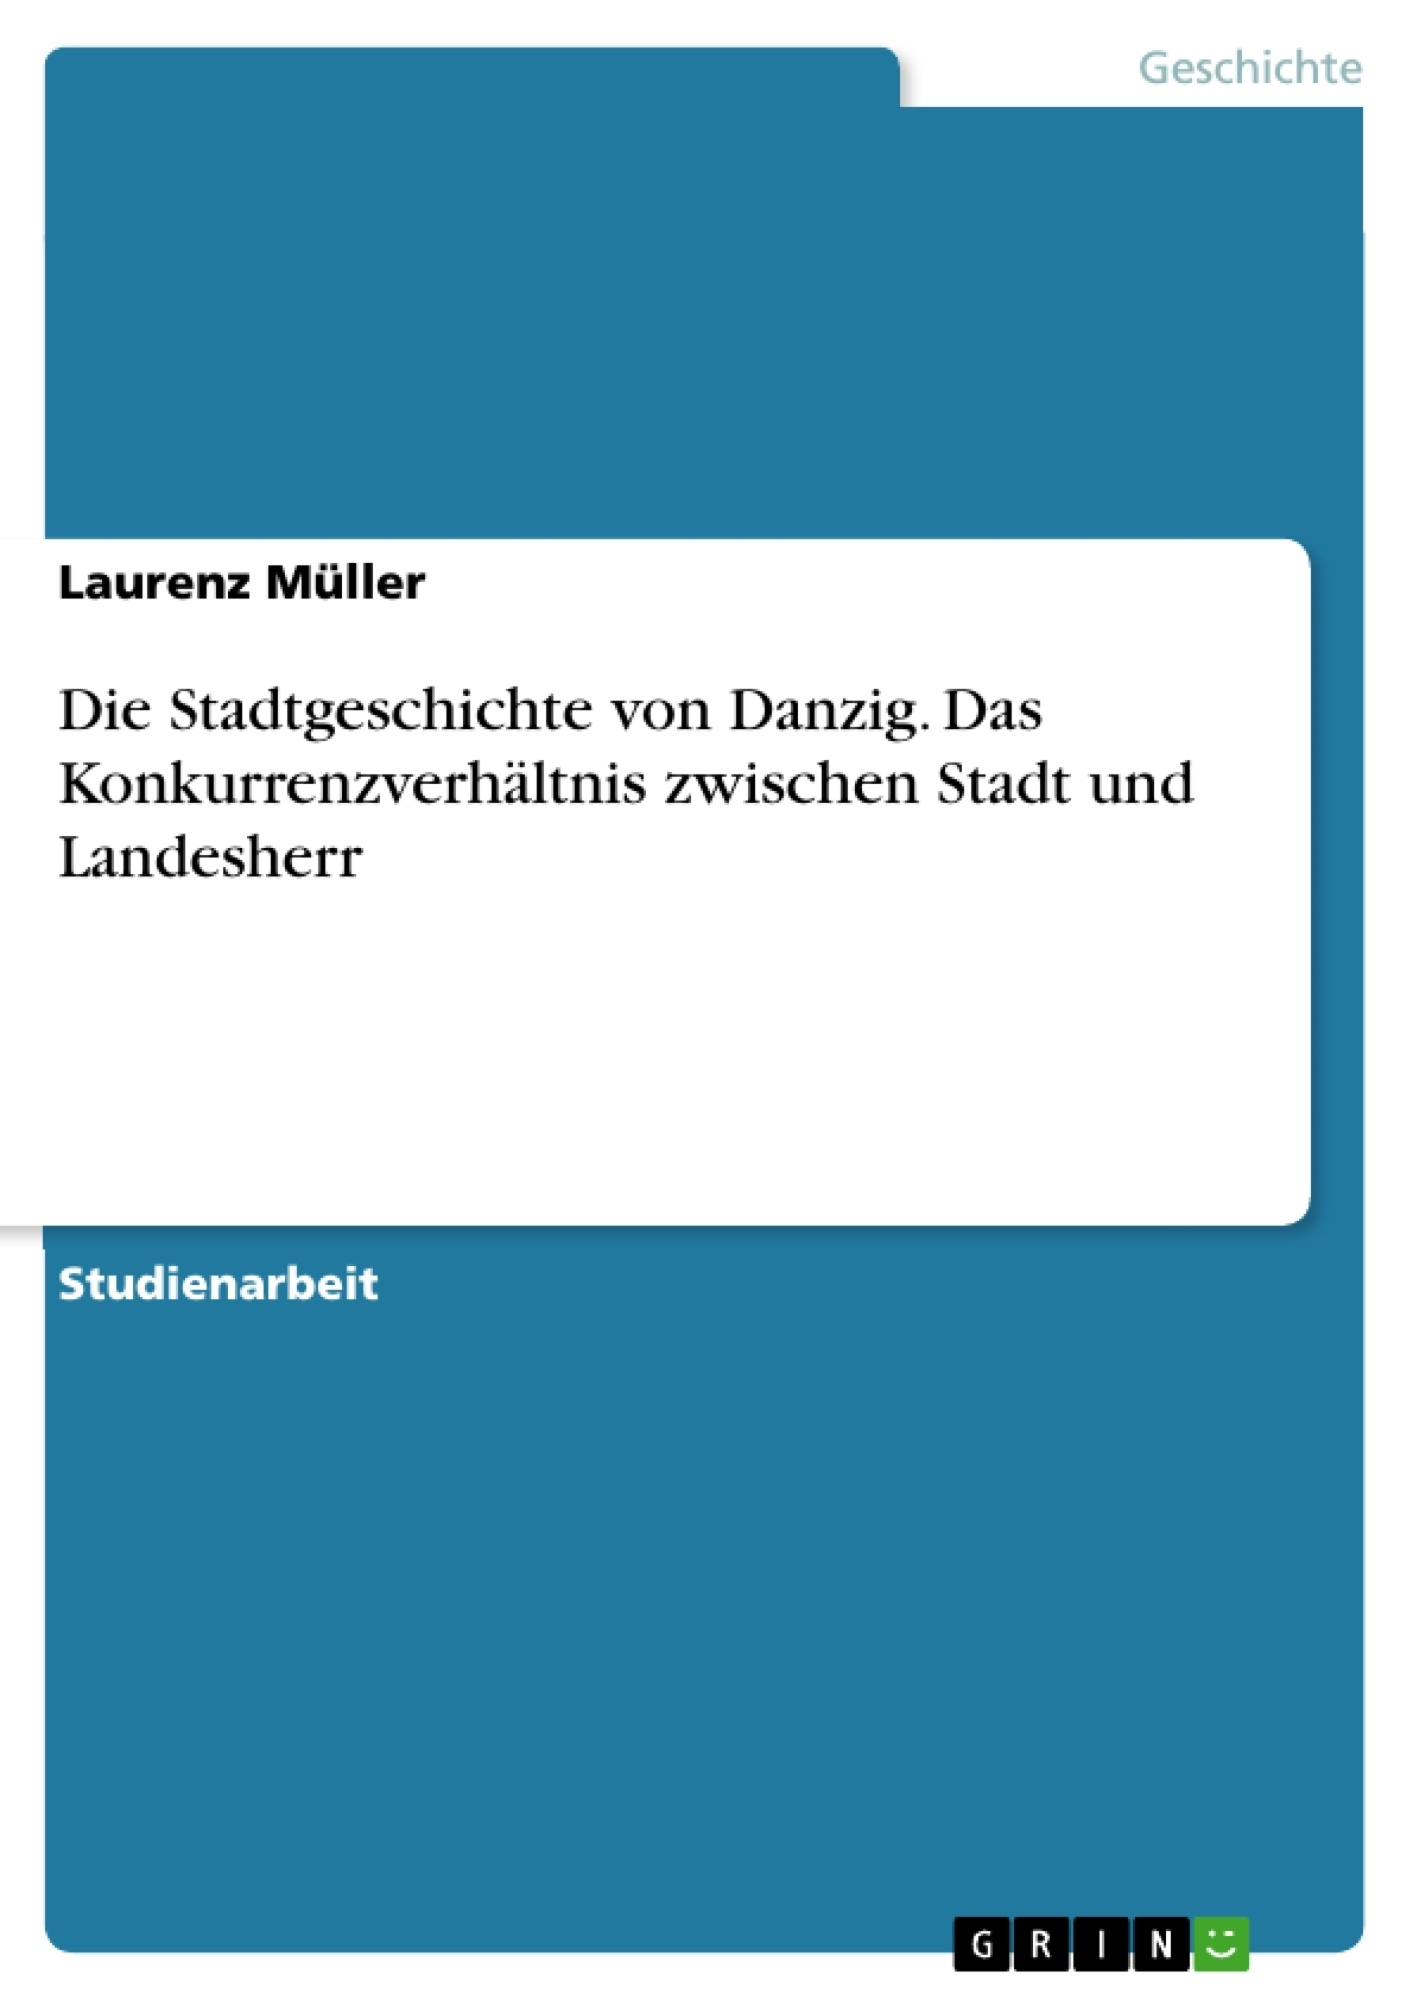 Titel: Die Stadtgeschichte von Danzig. Das Konkurrenzverhältnis zwischen Stadt und Landesherr